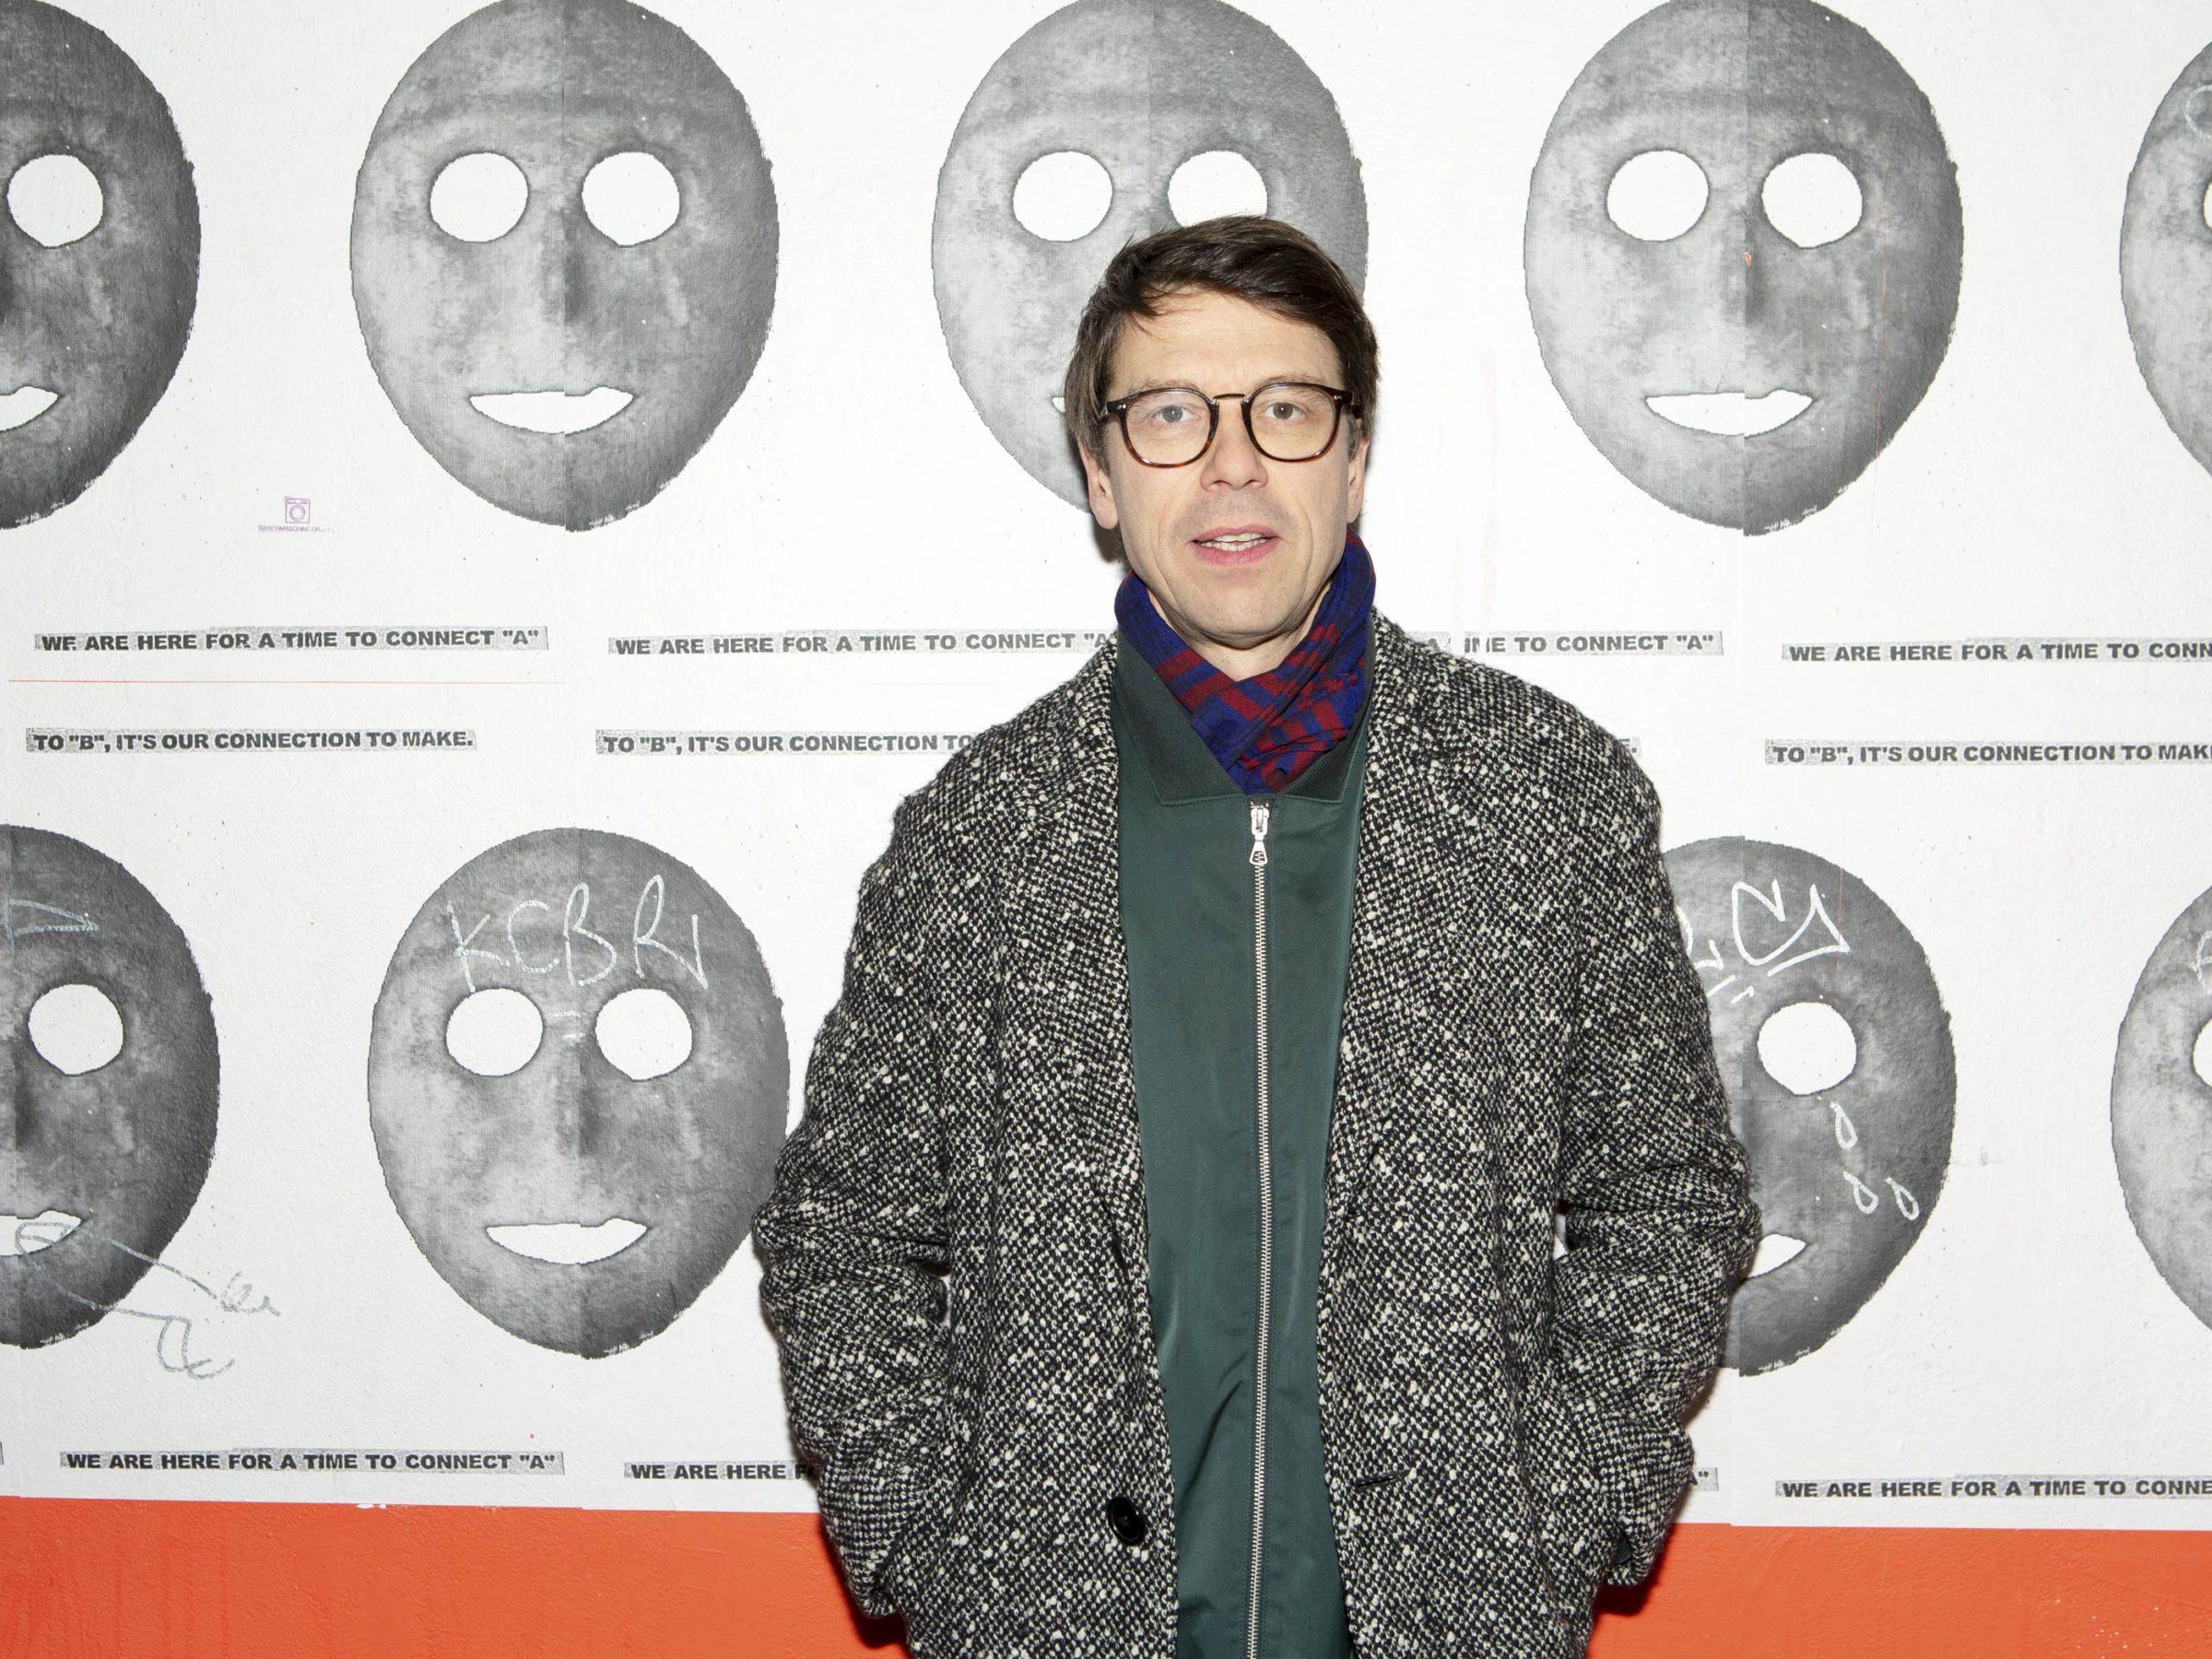 Daniel Baumann – Fondation Nestlé pour l'Art